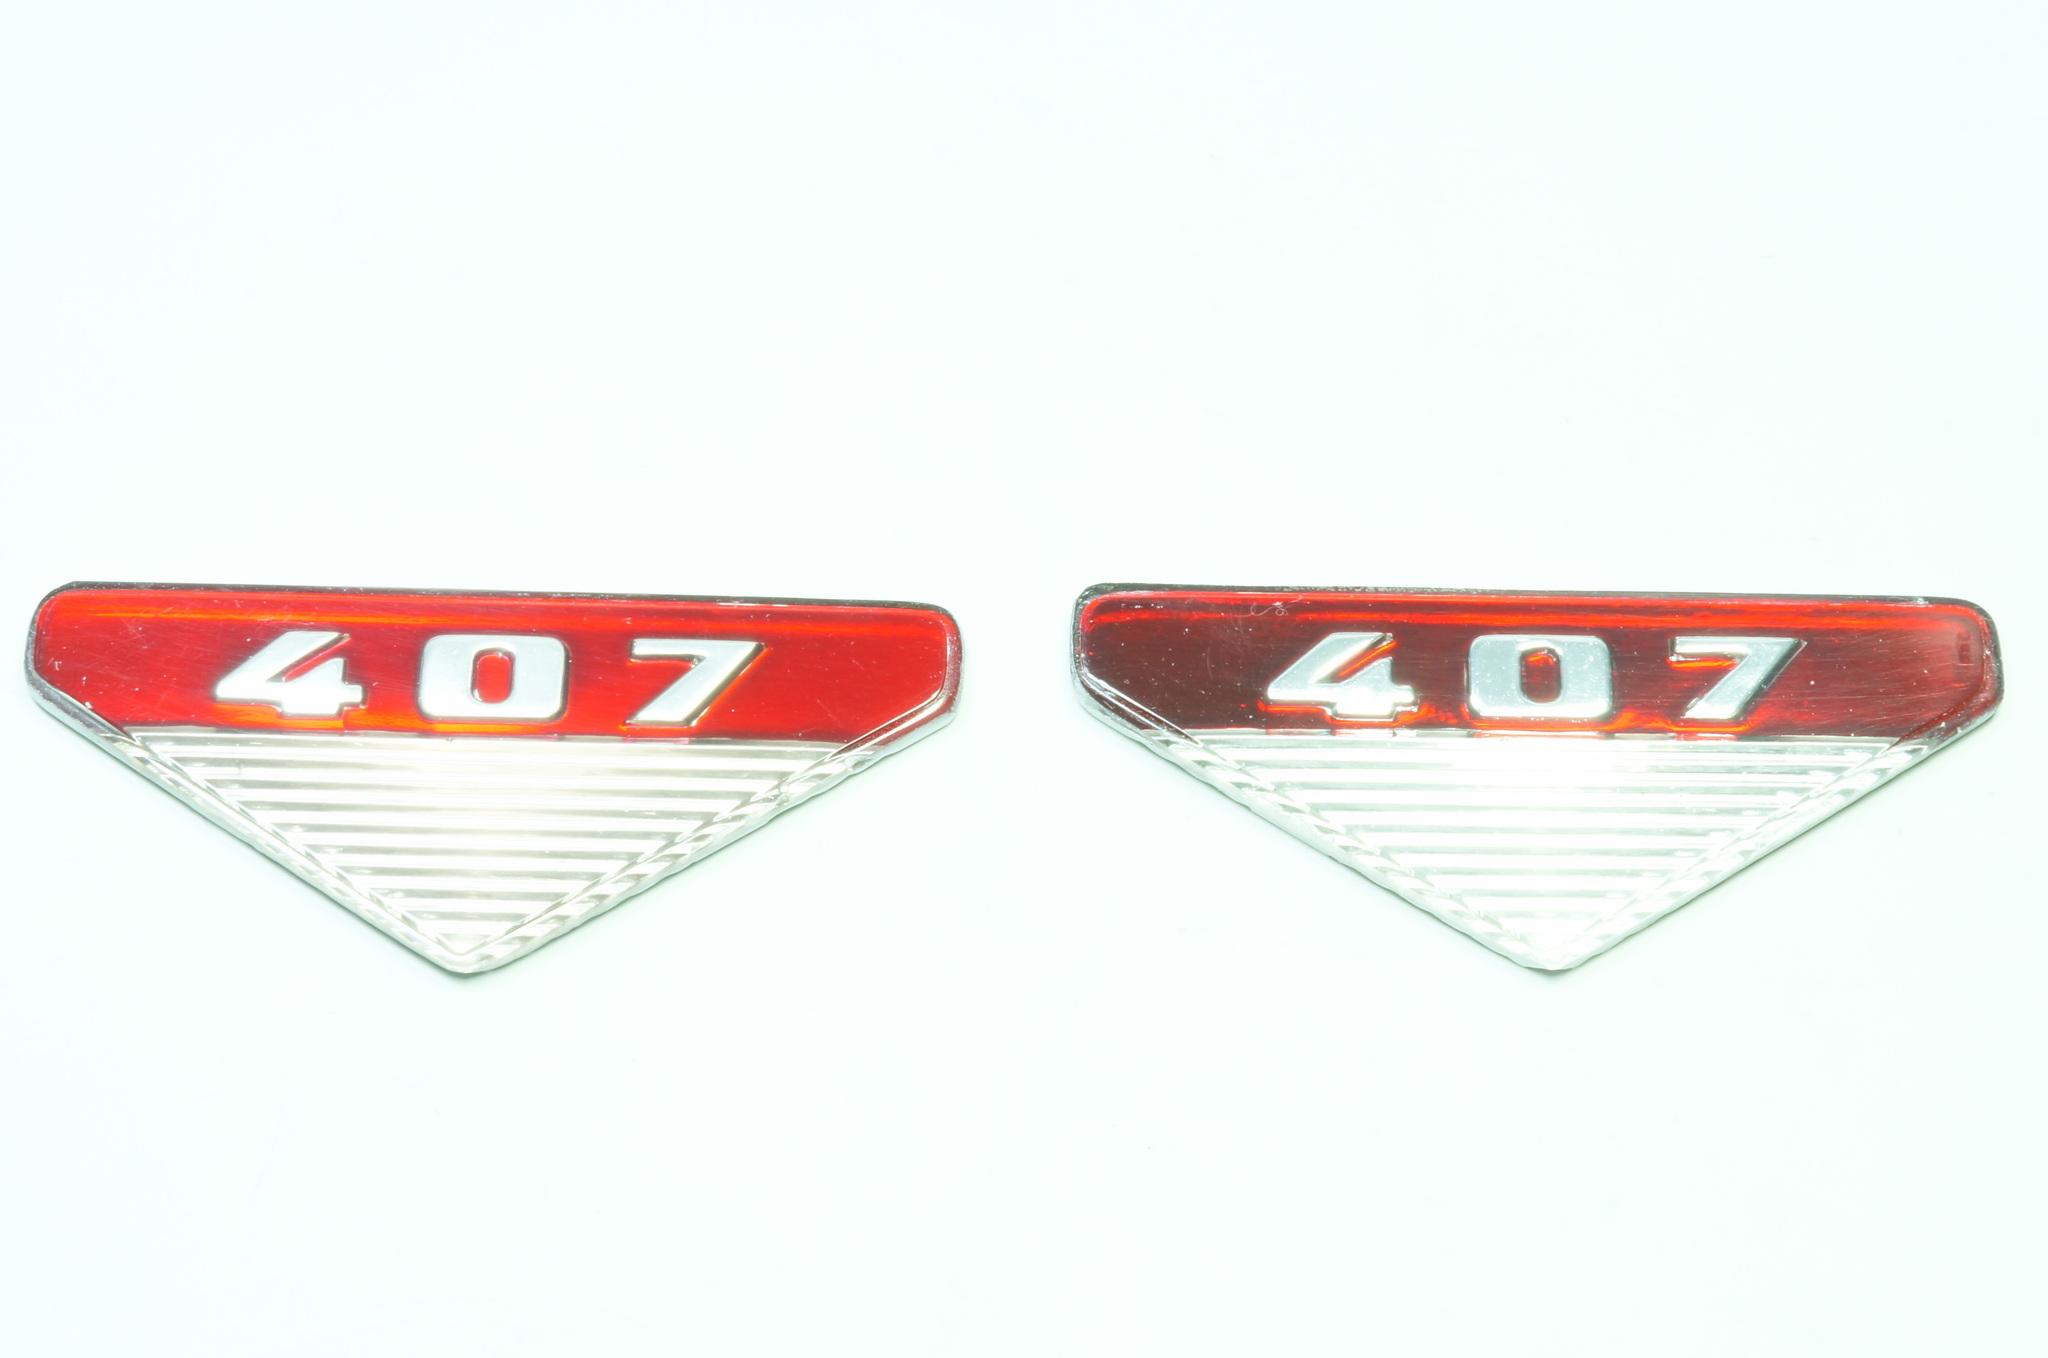 Вставка эмблемы на крыло Москвич 407